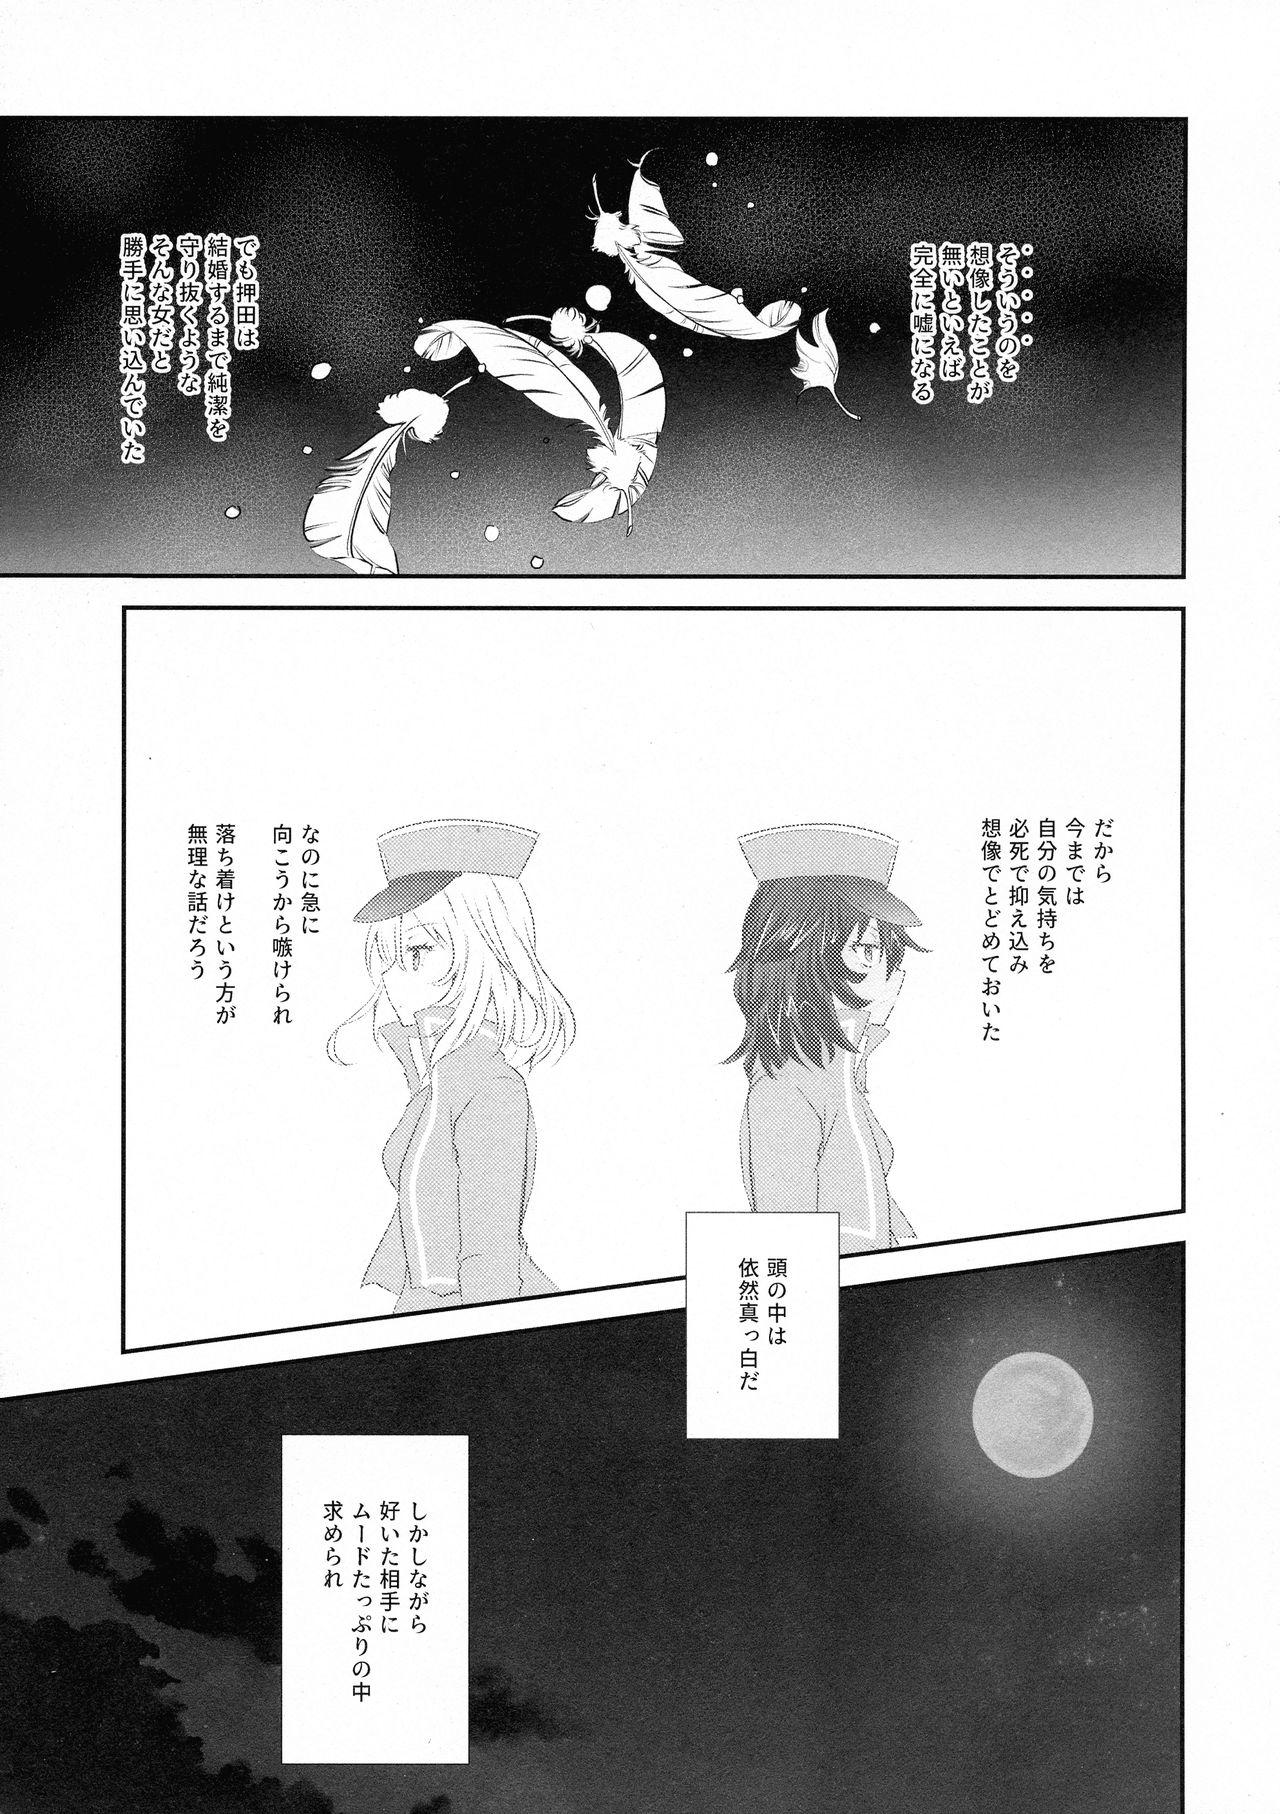 Moonlight Melody 8